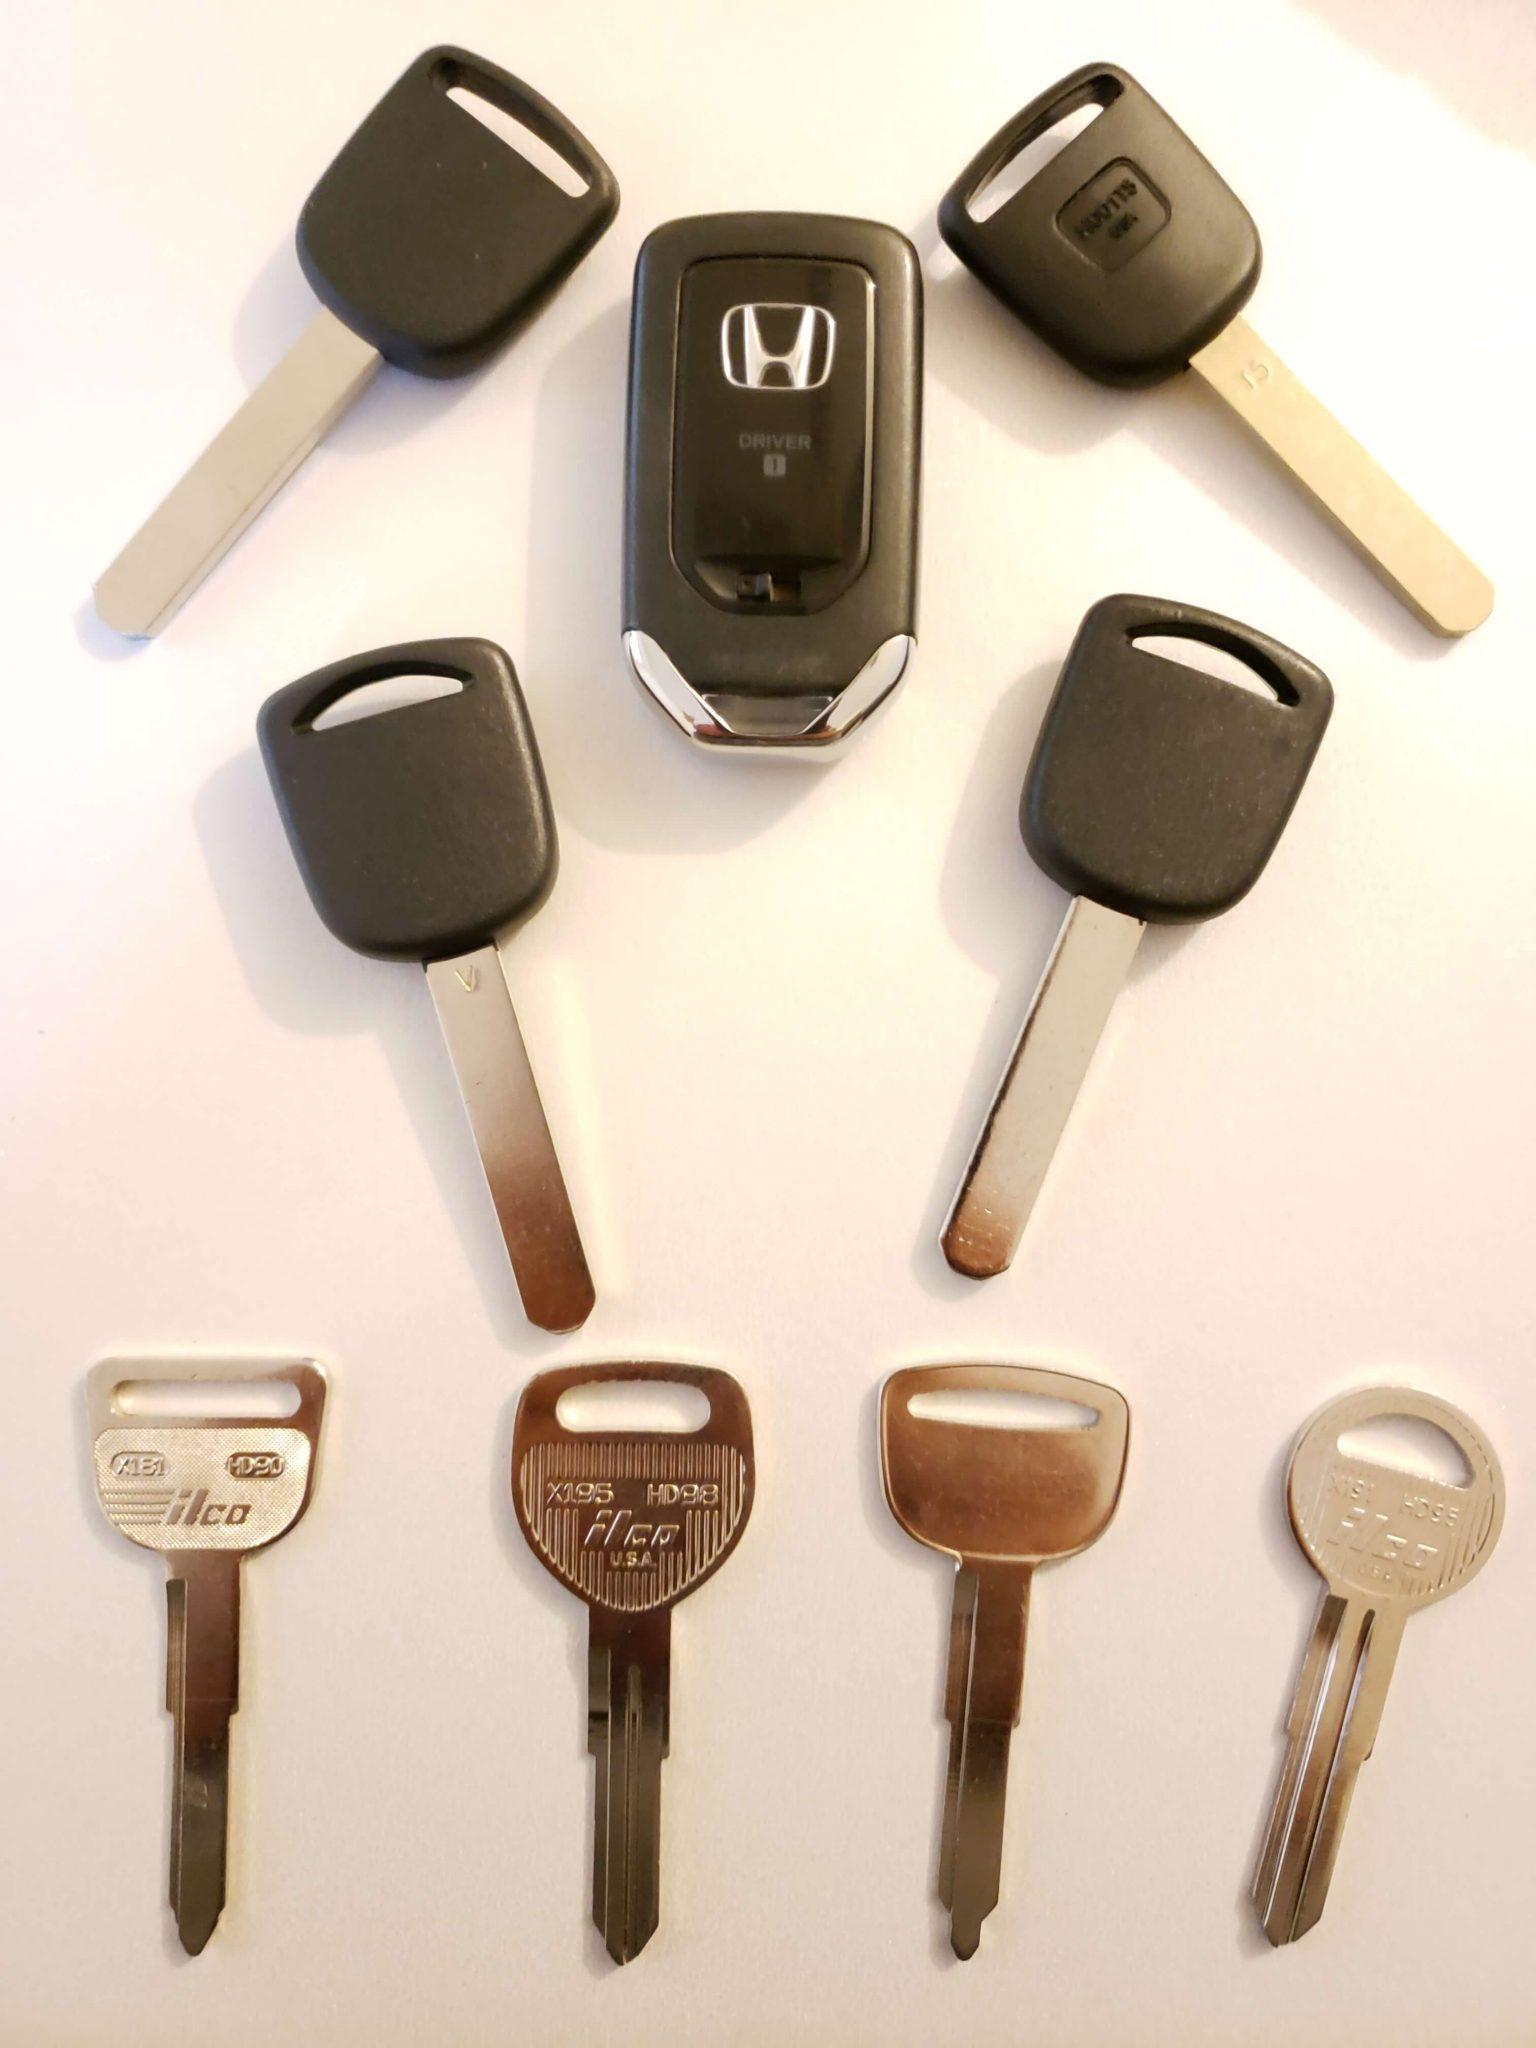 2 For 1997 1998 1999 2000 2001 2002 2003 2004 2005 Acura NSX Remote Fob Car Key